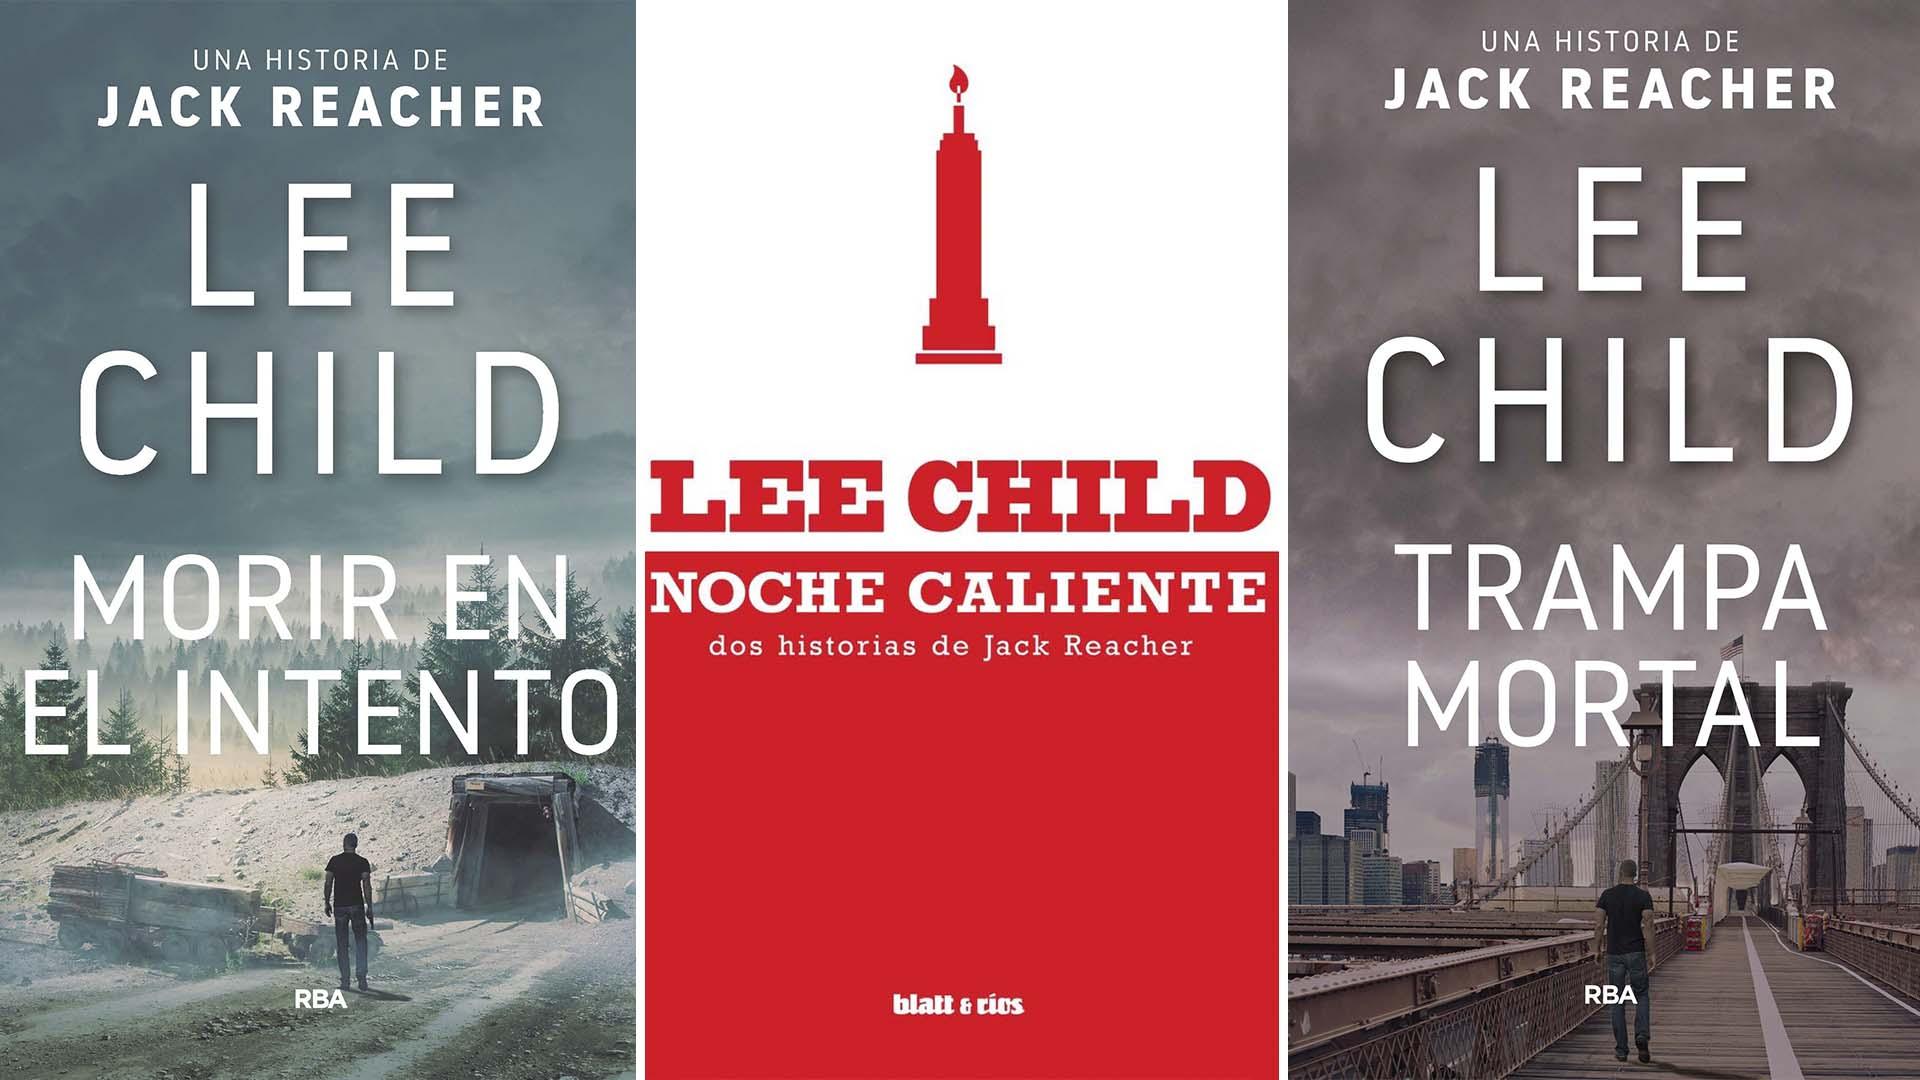 La saga de Jack Reacher lleva más de 20 títulos